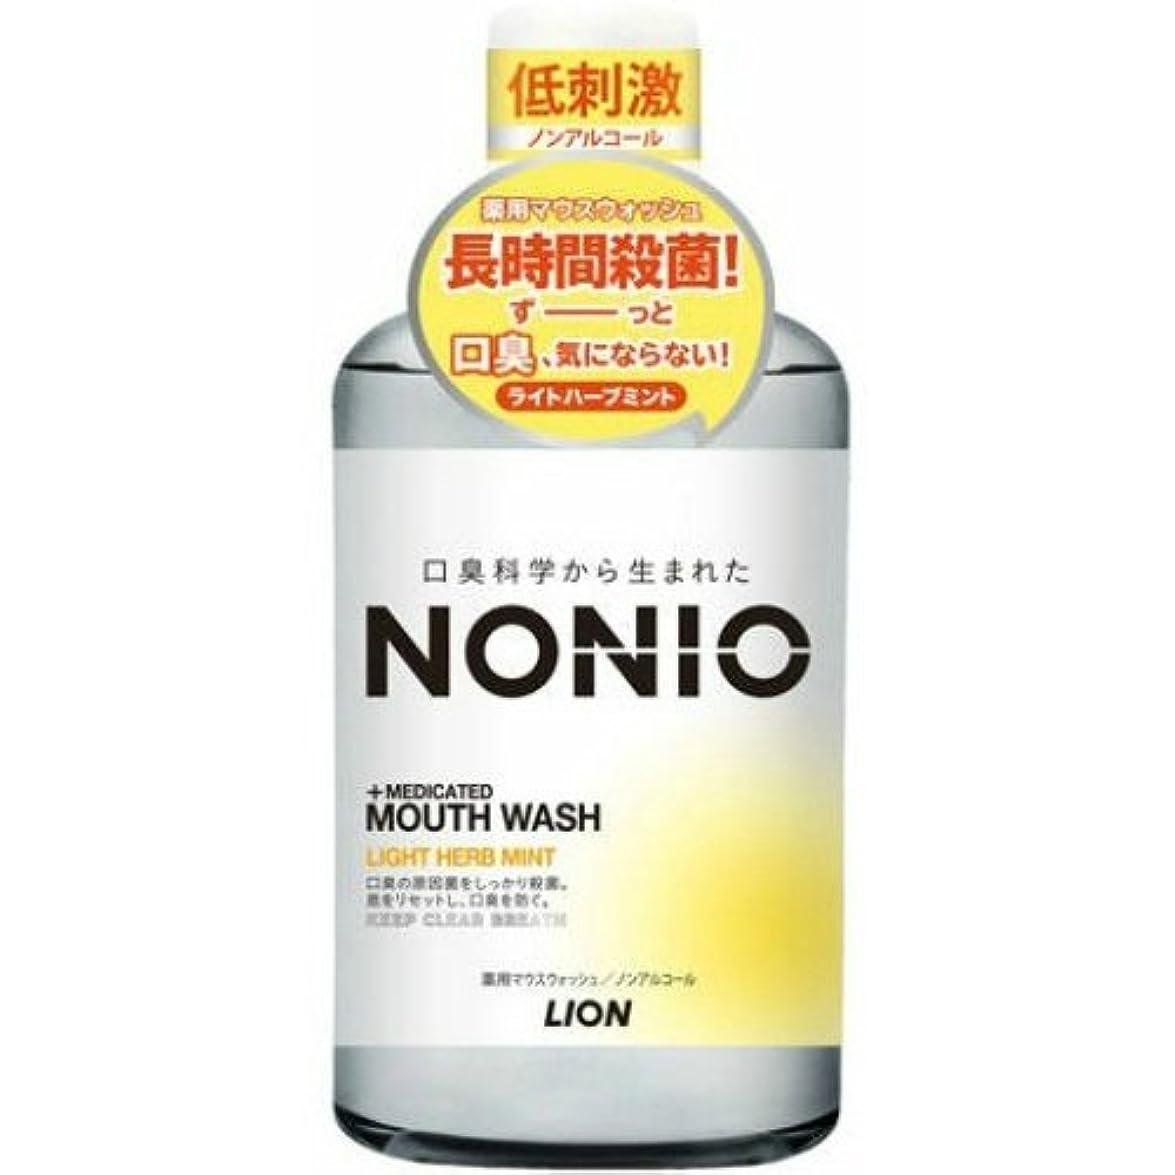 パスタ円形ひいきにするLION ライオン ノニオ NONIO 薬用マウスウォッシュ ノンアルコール ライトハーブミント 600ml 医薬部外品 ×012点セット(4903301259398)